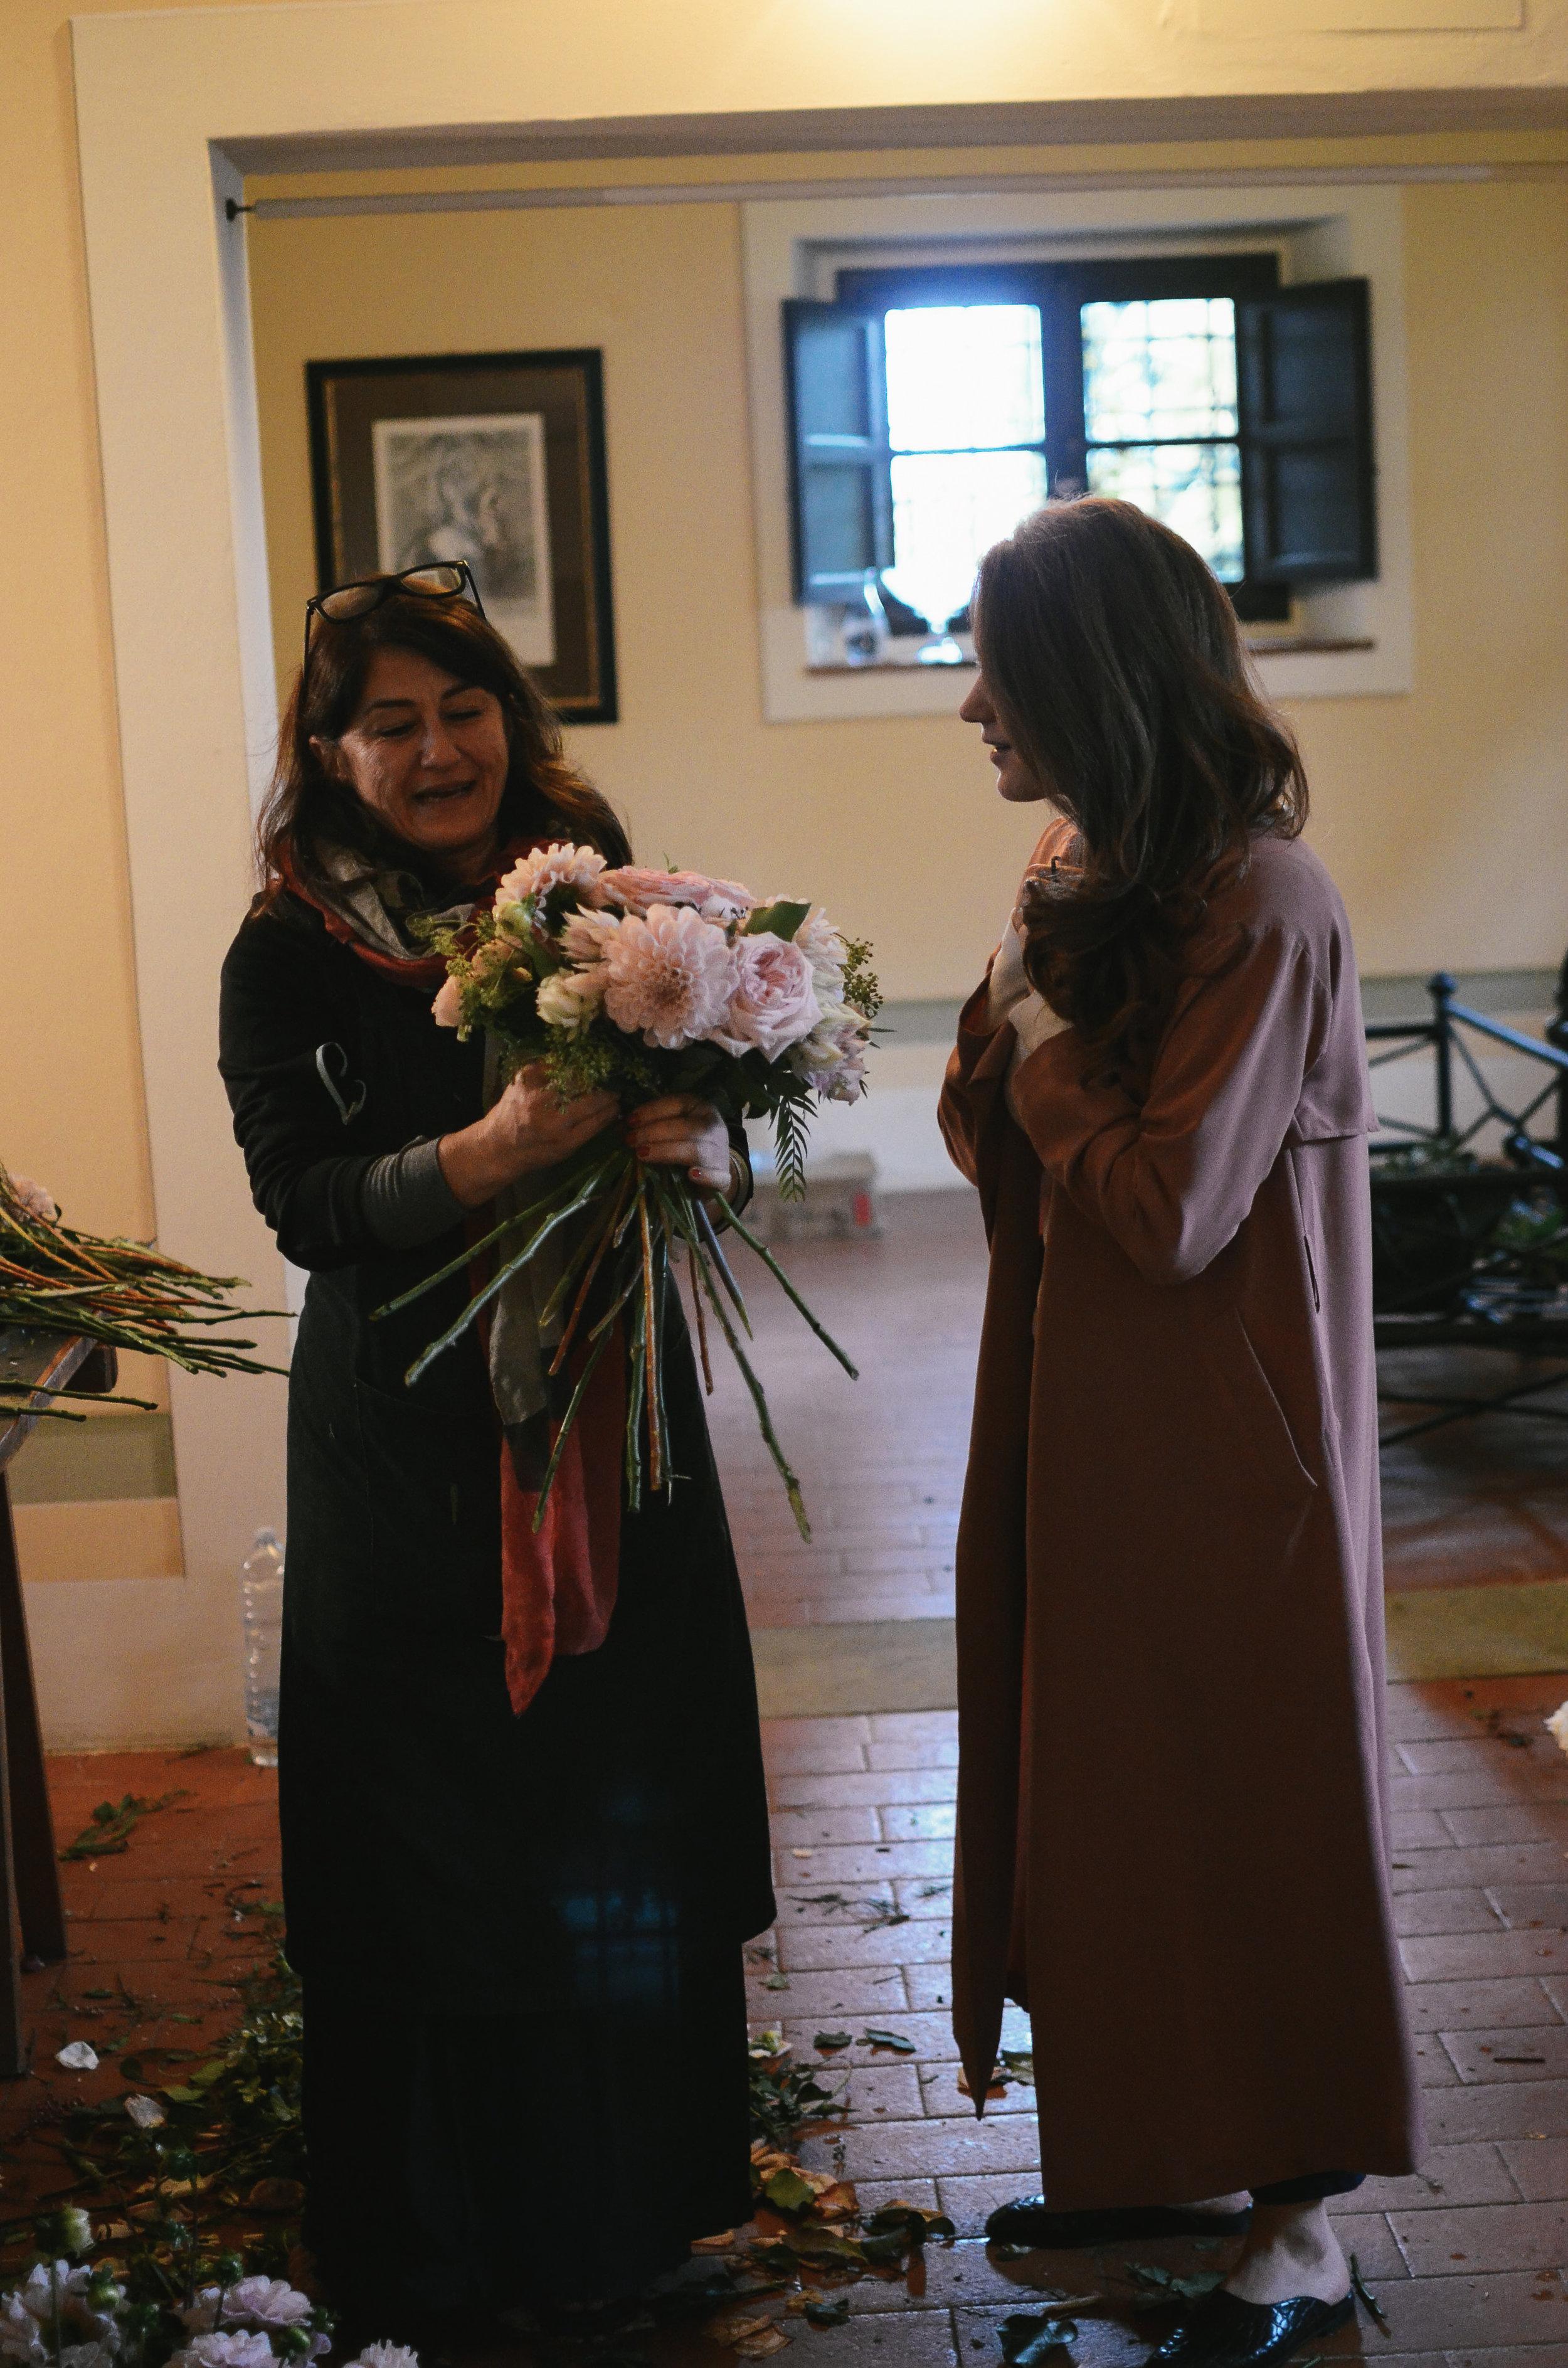 il-borro-toscana-wedding-tuscany-lifeonpine_DSC_1005.jpg